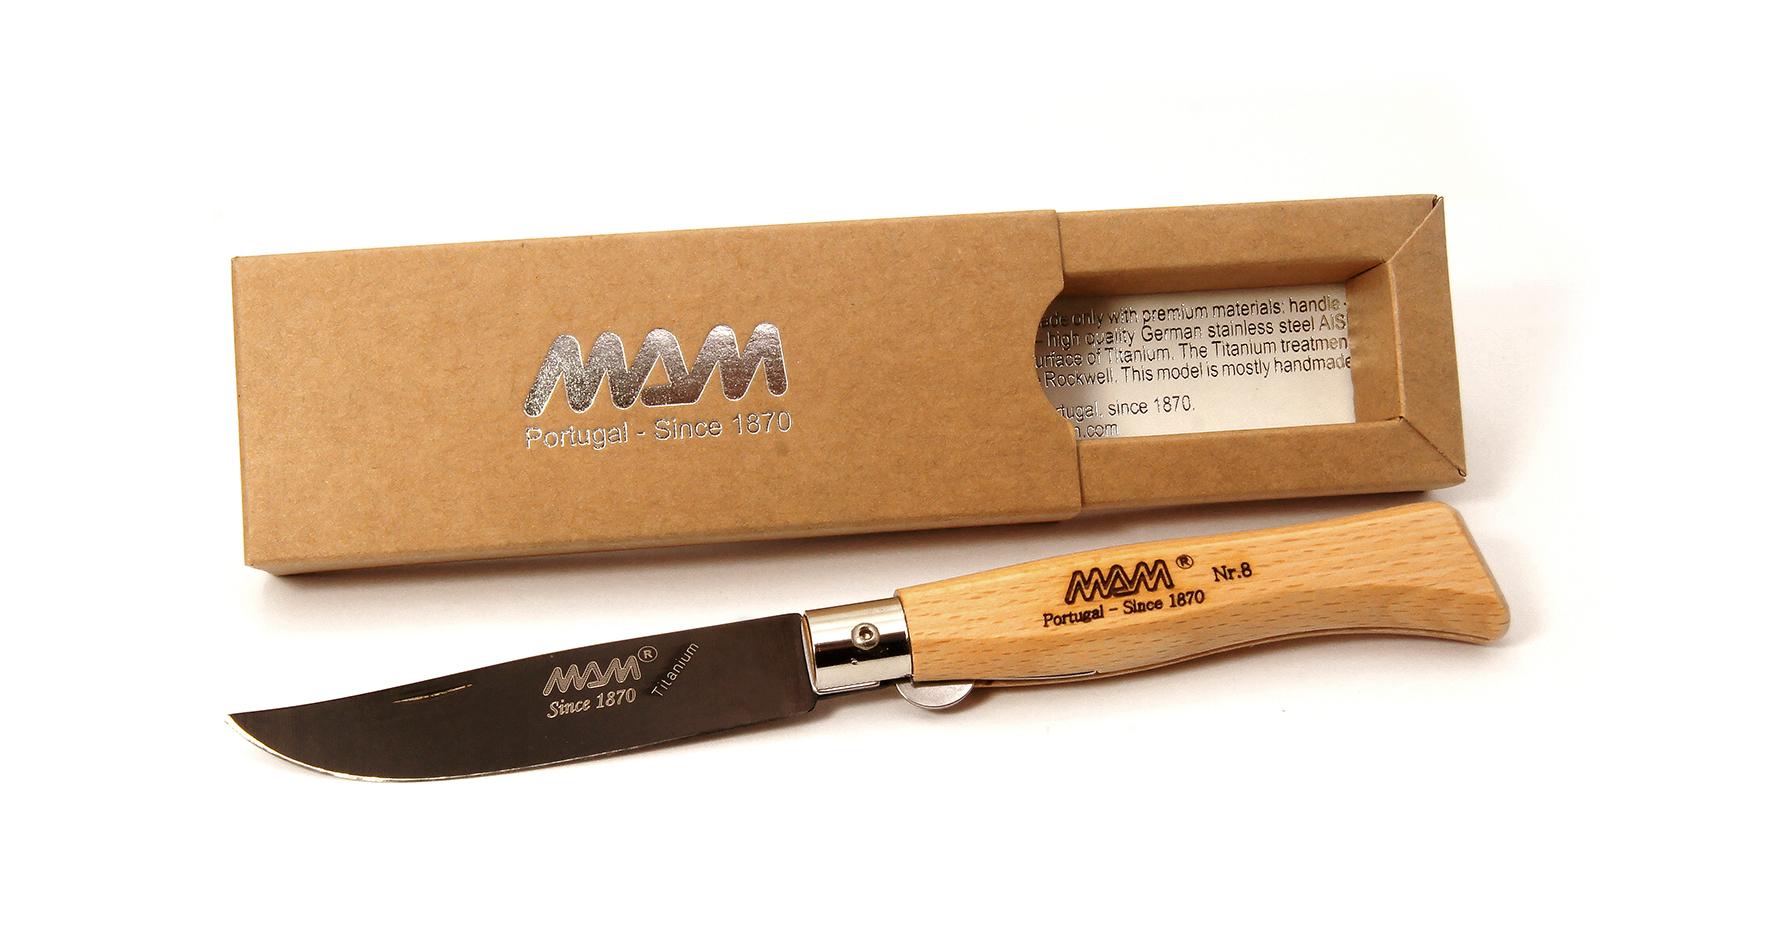 Нож MAM Douro 2085 ручка бук, цвет клинка черныйMAM<br>Нож MAM Douro 2085 ручка бук, цвет клинка черныйТип замка: Liner lockДлина клинка, мм: 83Сделано в Португалии.<br>